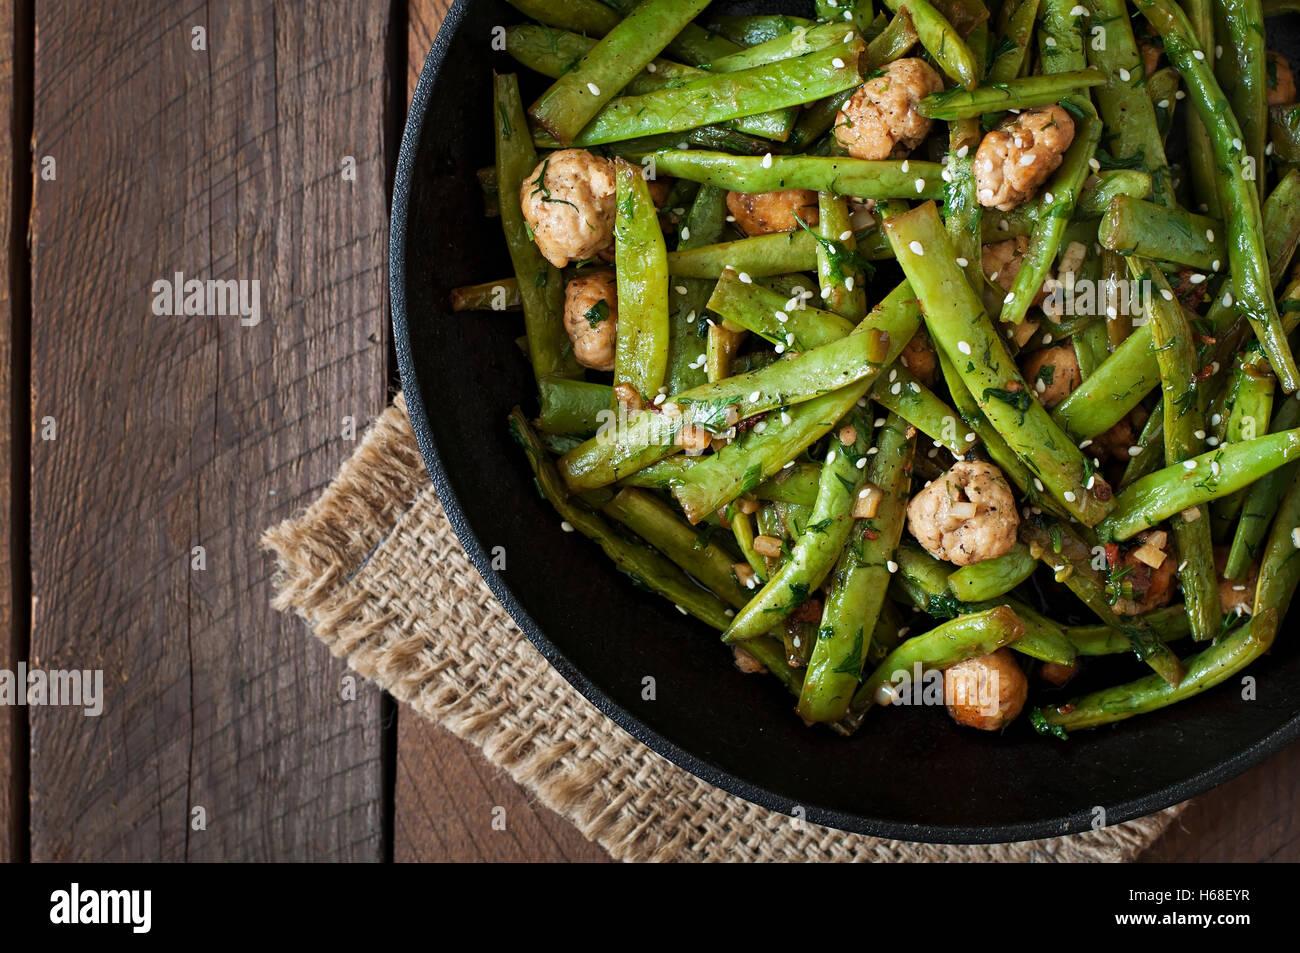 Watch Green Bean and Meatball Stir-Fry video